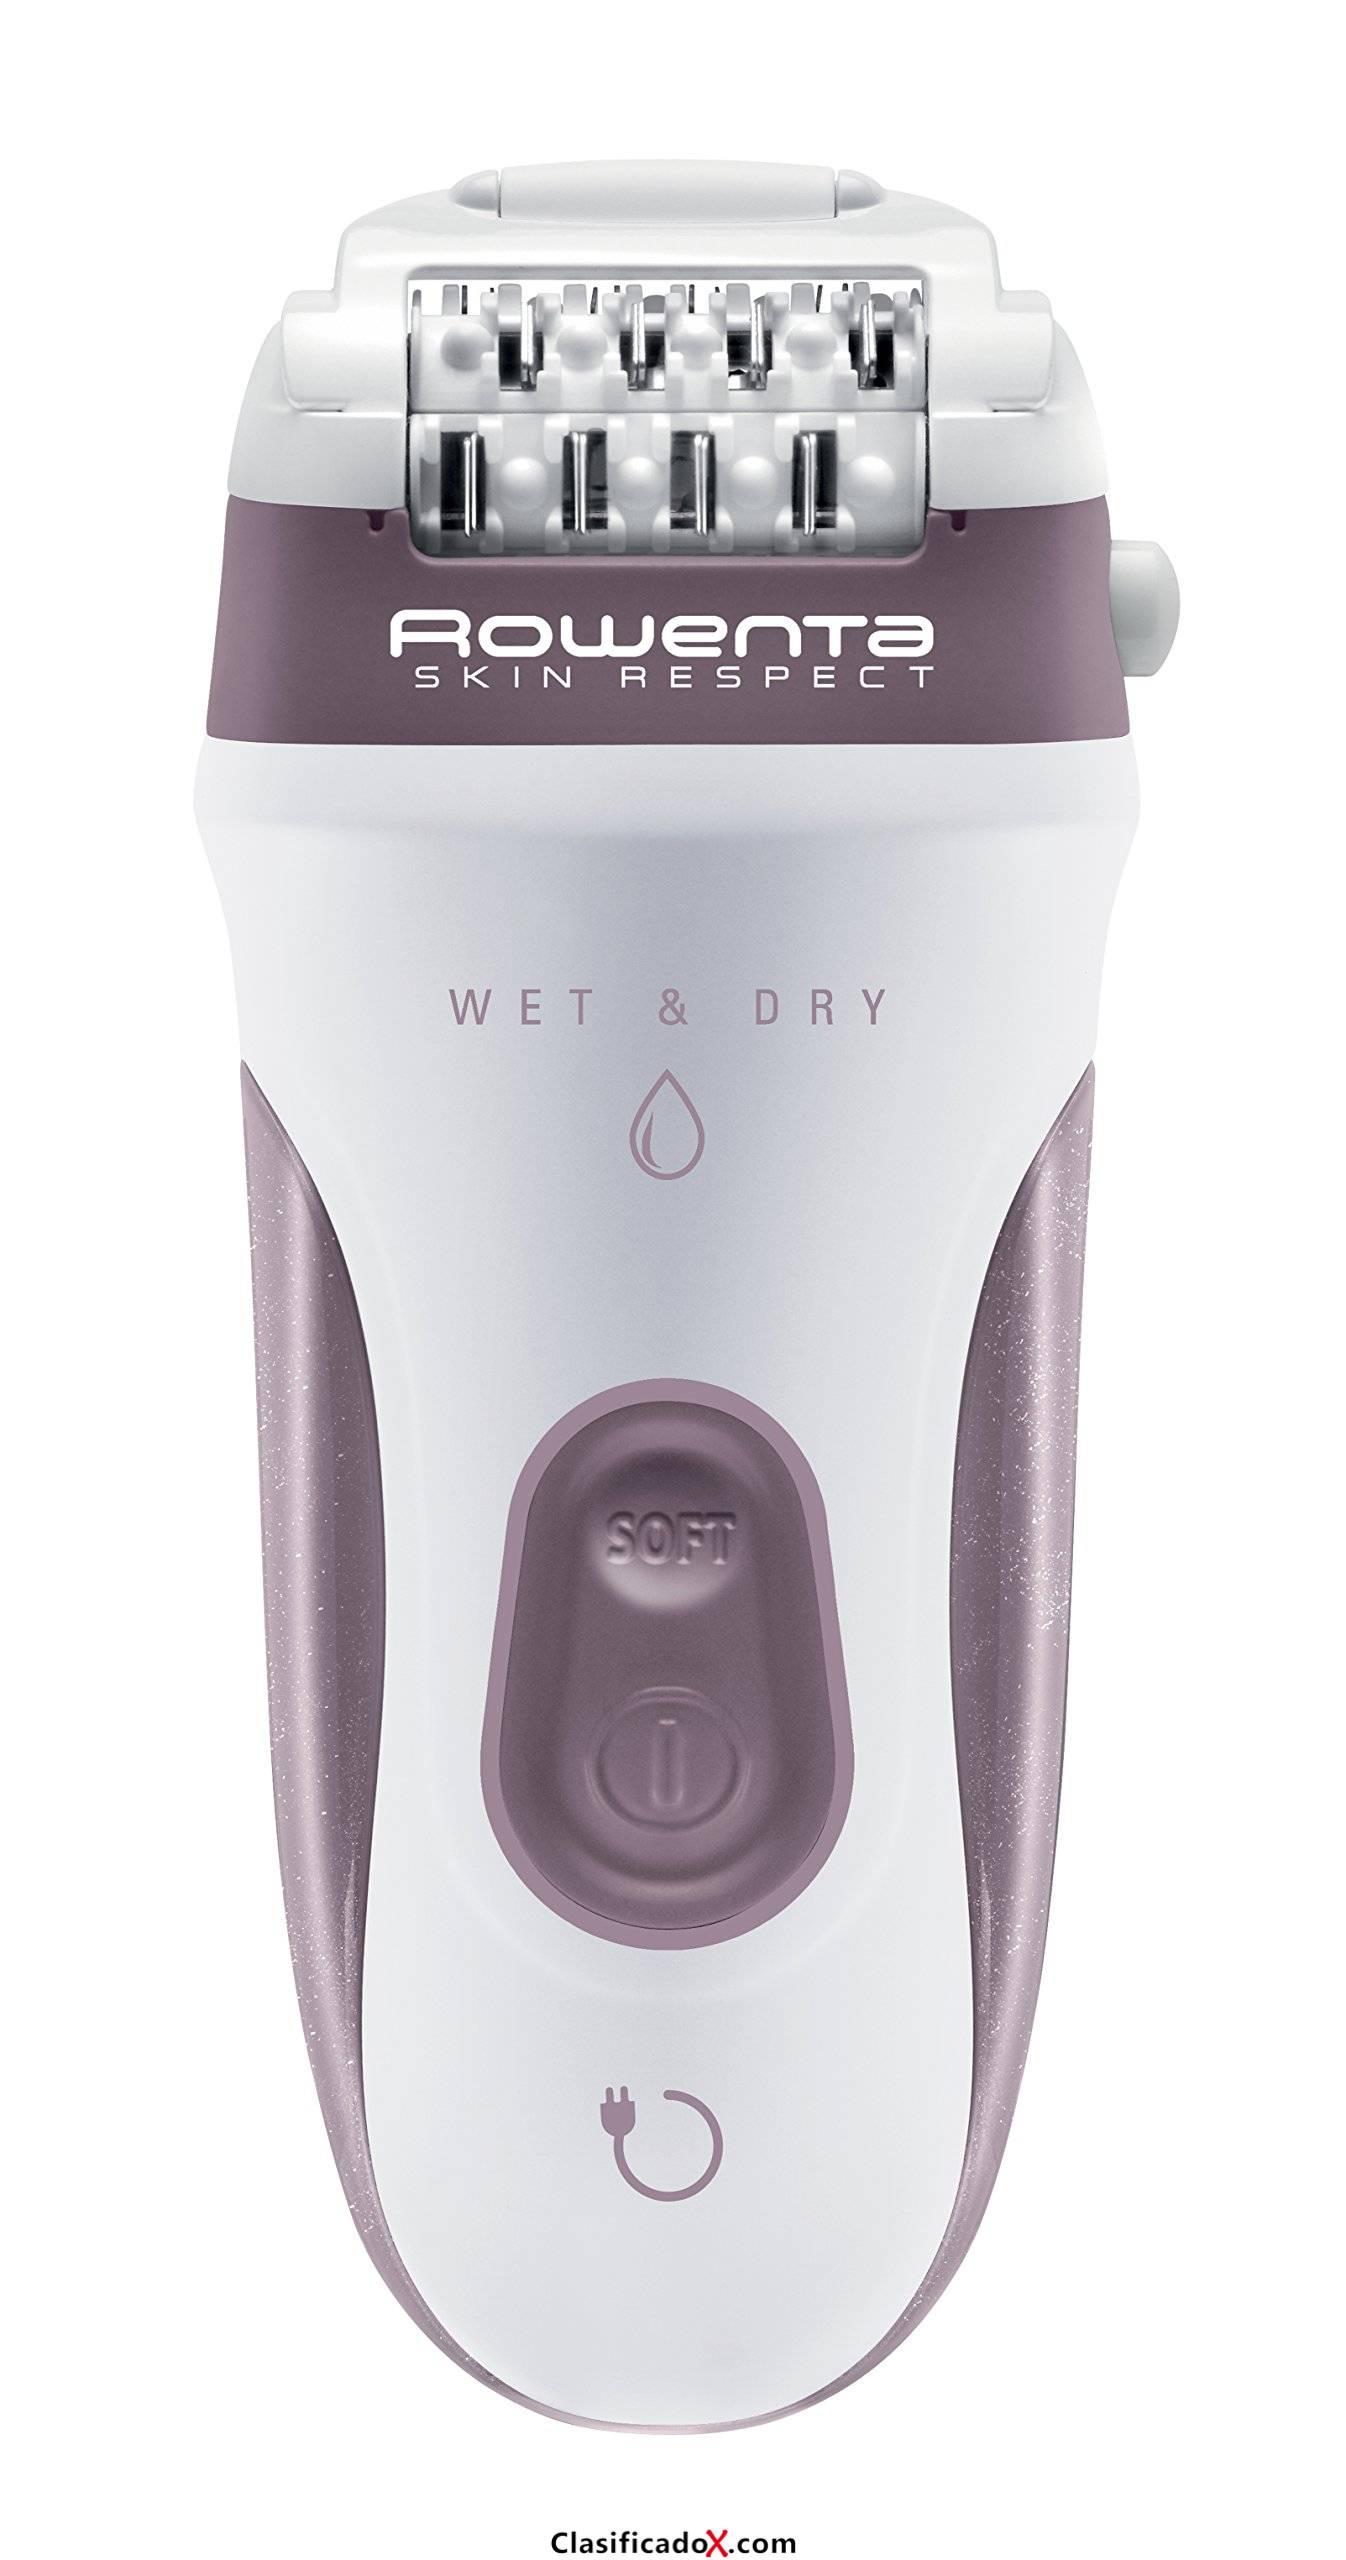 Rowenta Skin Respect EP8060F0 - Sin cable y utilizable bajo el agua, 24 pinzas con cabezal exfoliante y rasurador, accesorio para axilas, cabezal de recorte con cepillo limpiador y neceser. Envíos a